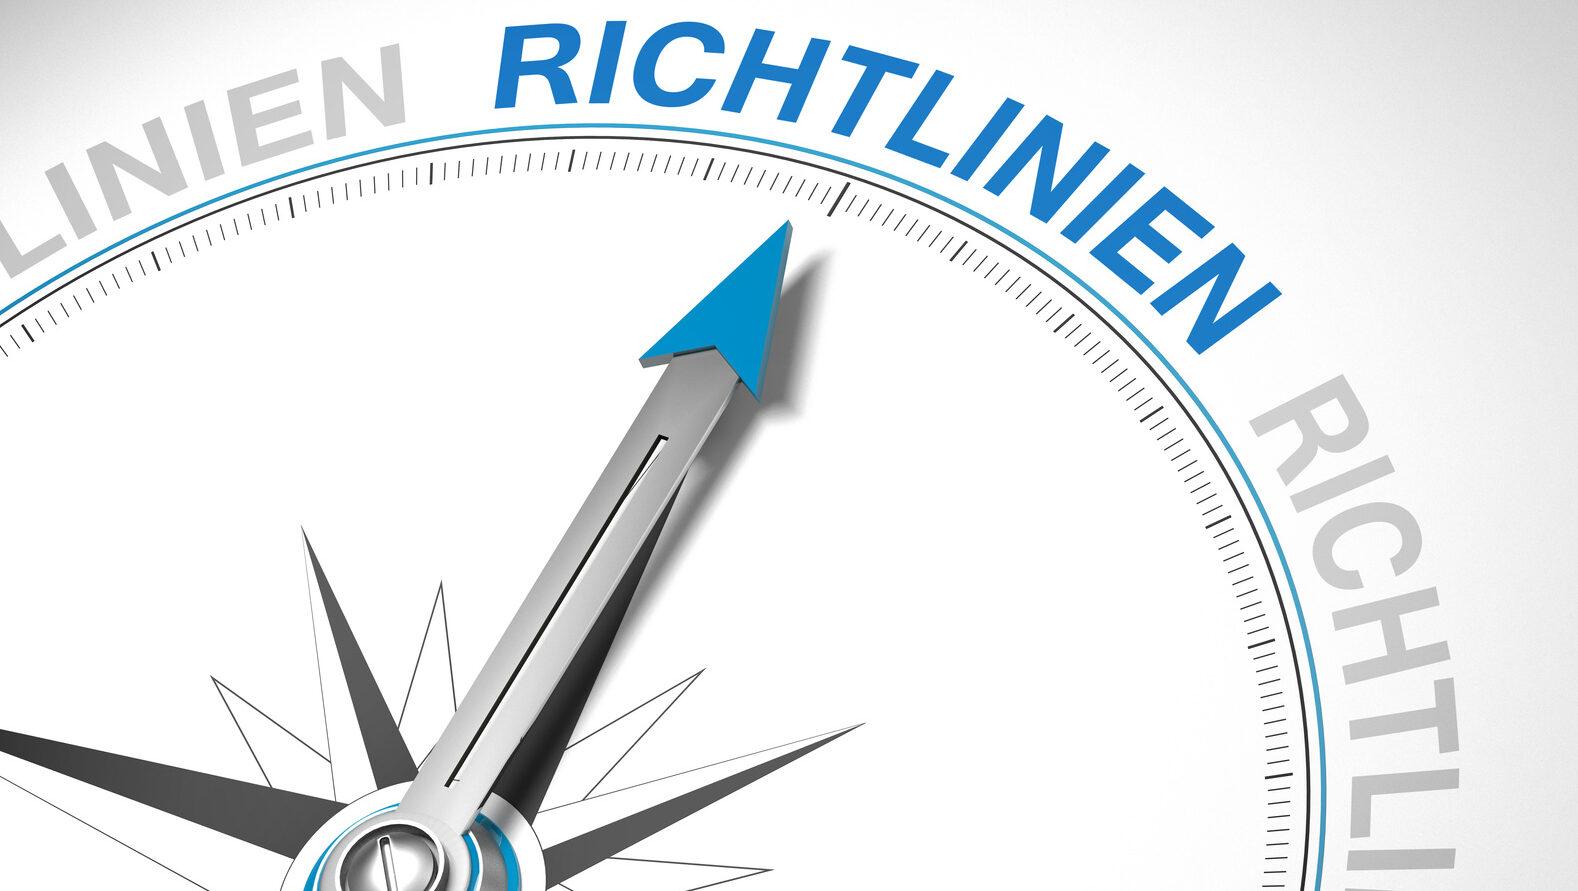 Richtlinien (© Coloures-Pic - Fotolia.com)